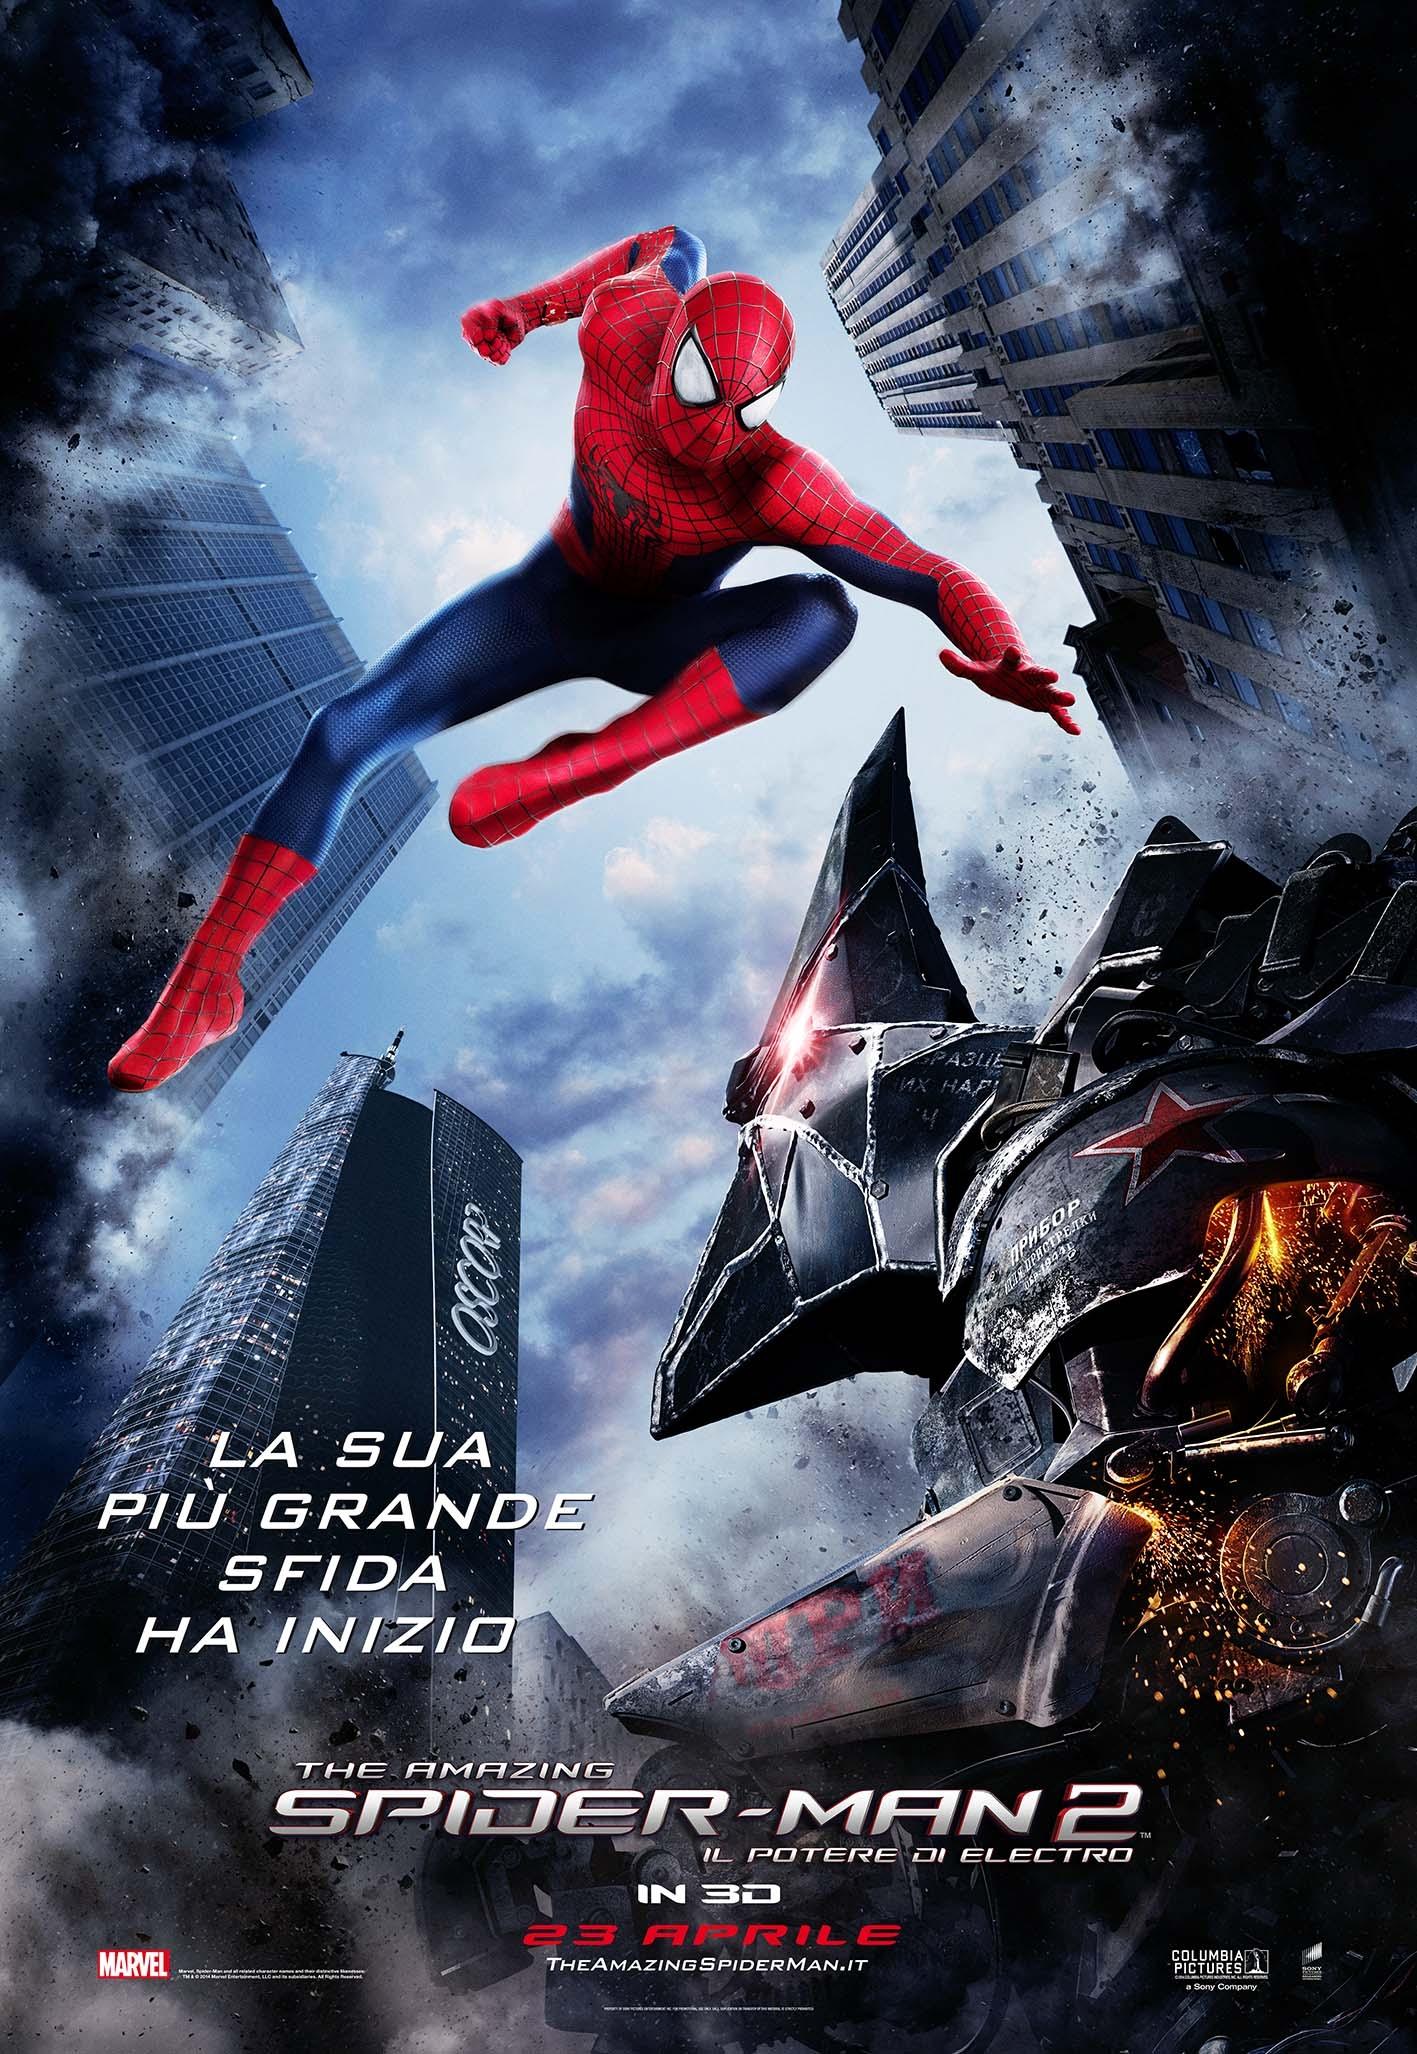 The Amazing Spider-Man 2: una nuova locandina italiana del film